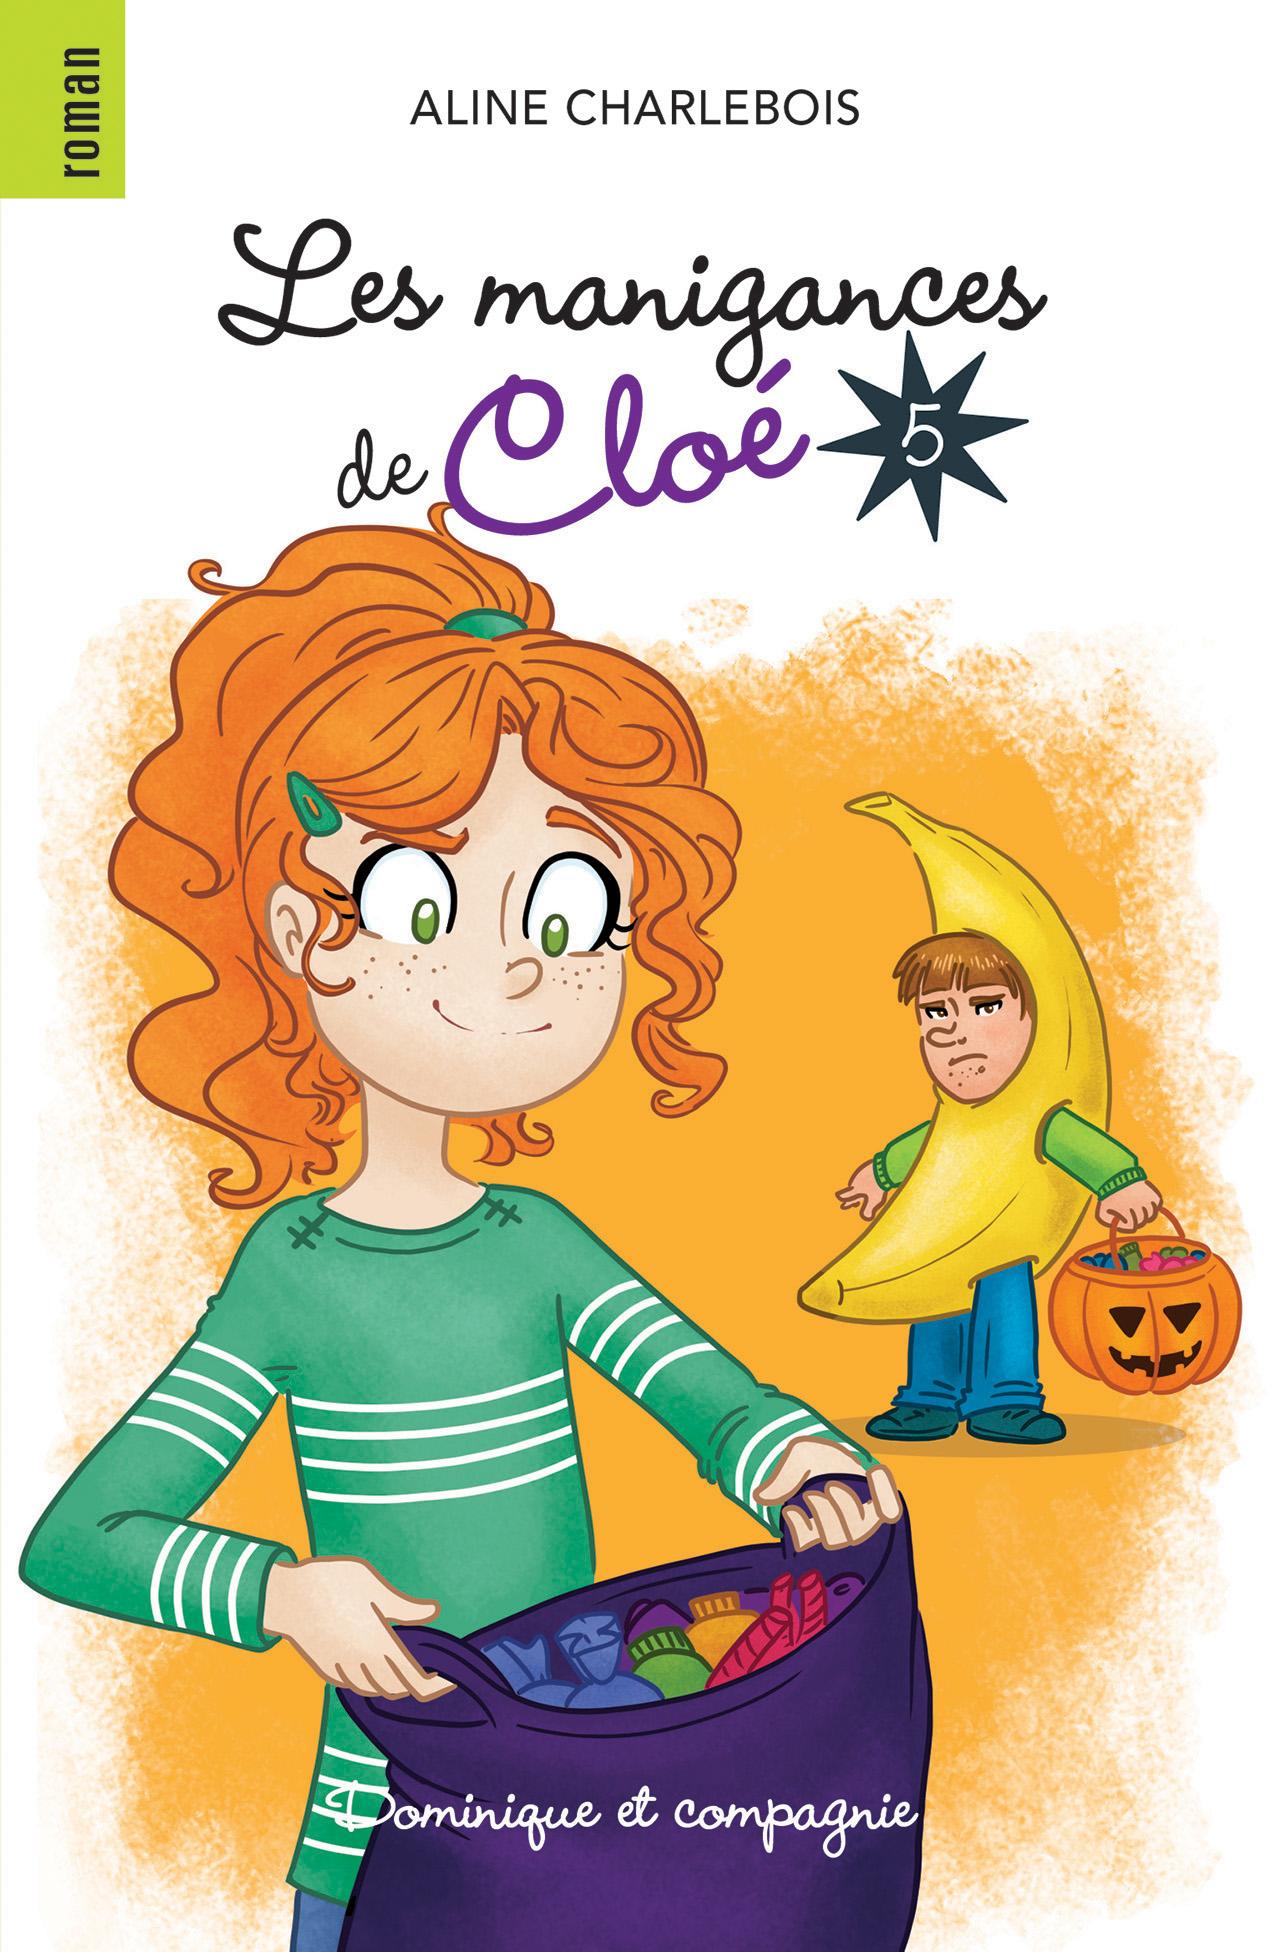 Les manigances de Cloé 5